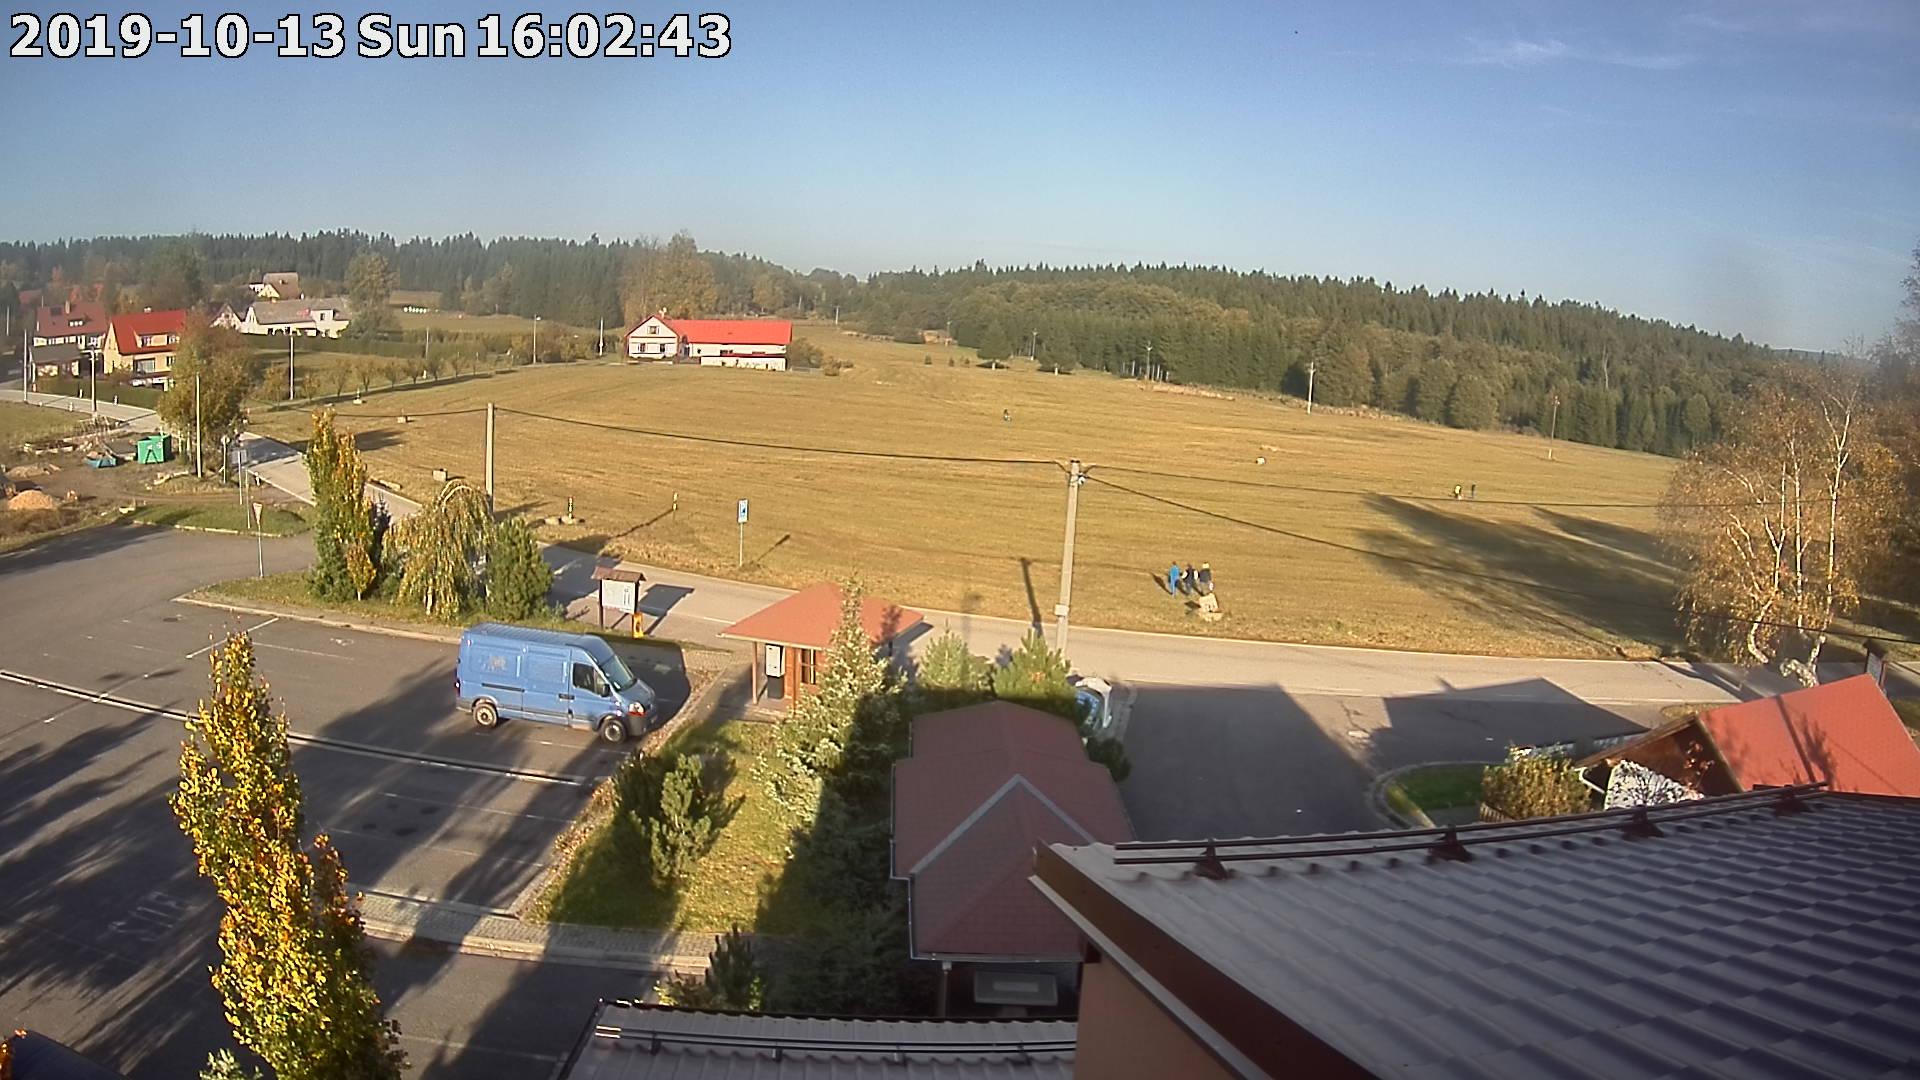 Webkamera ze dne 2019-10-13